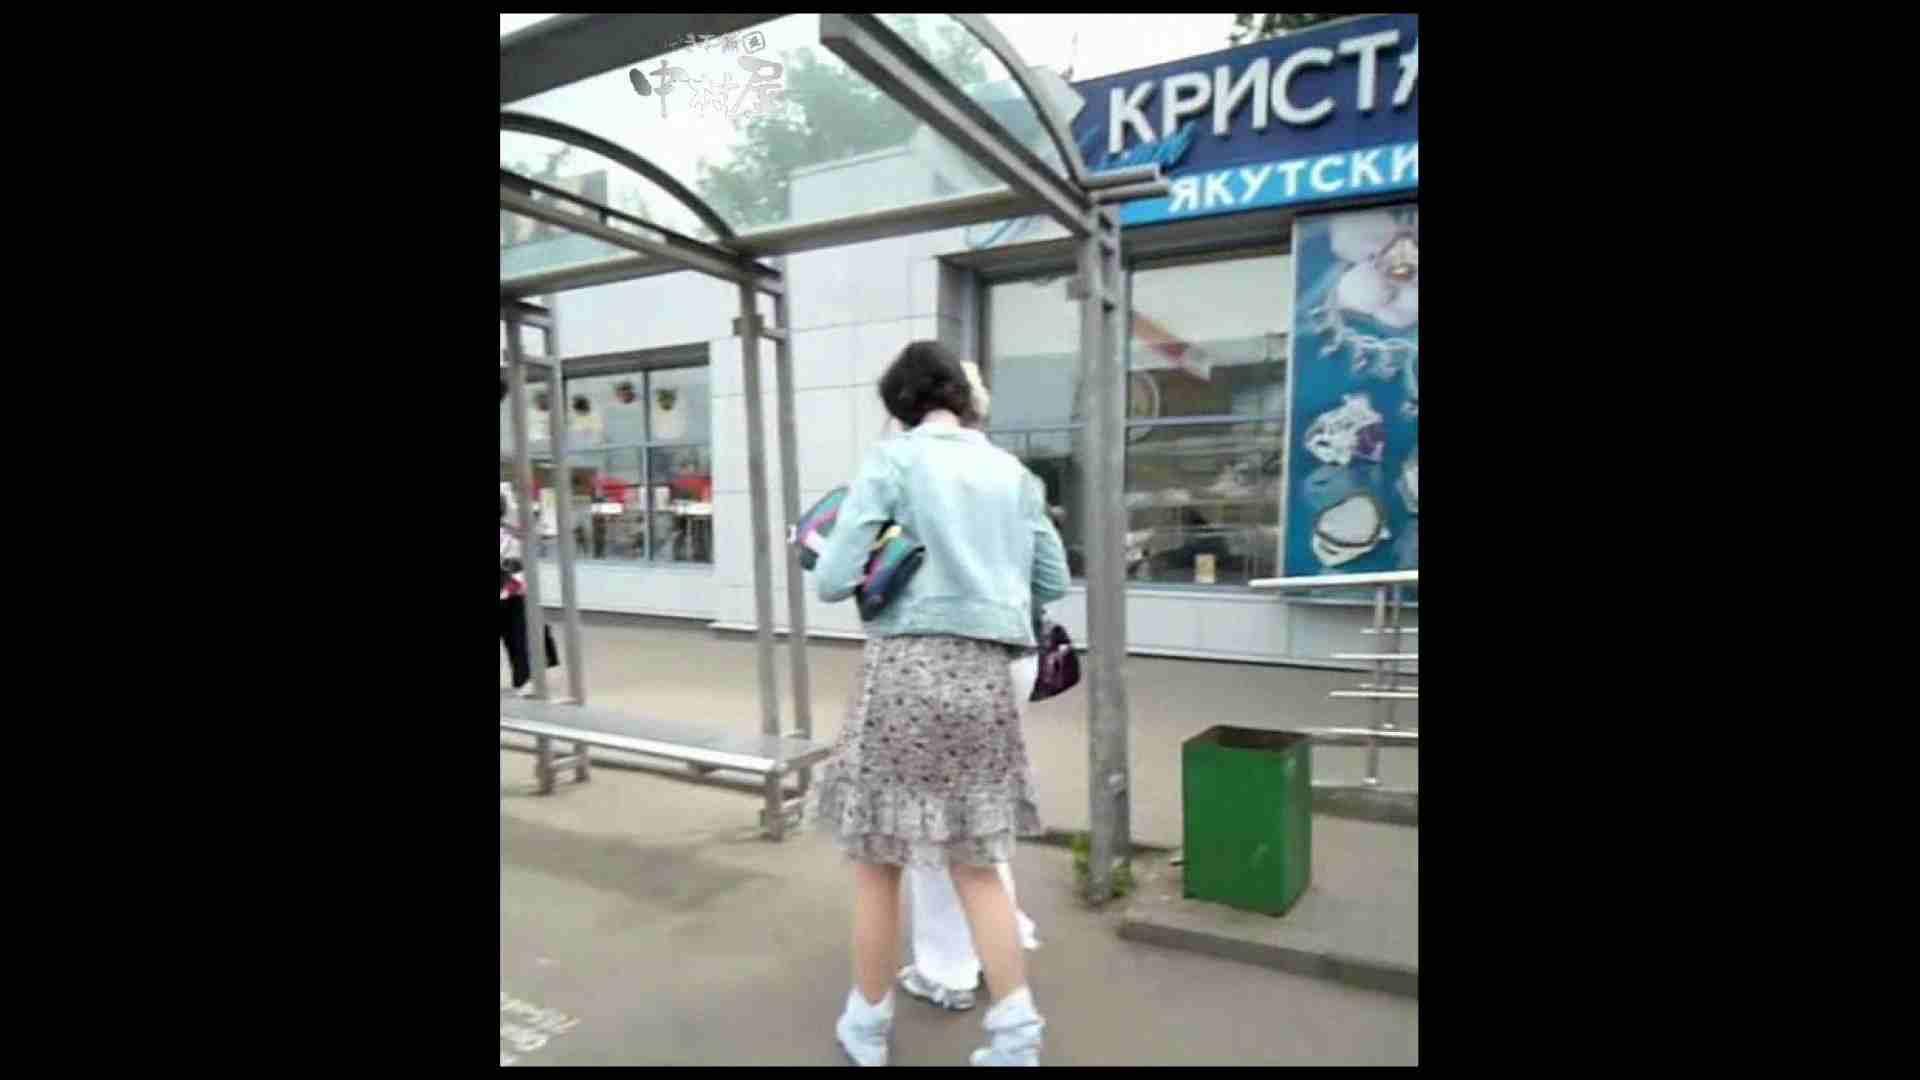 綺麗なモデルさんのスカート捲っちゃおう‼ vol30 お姉さんハメ撮り  109Pix 57